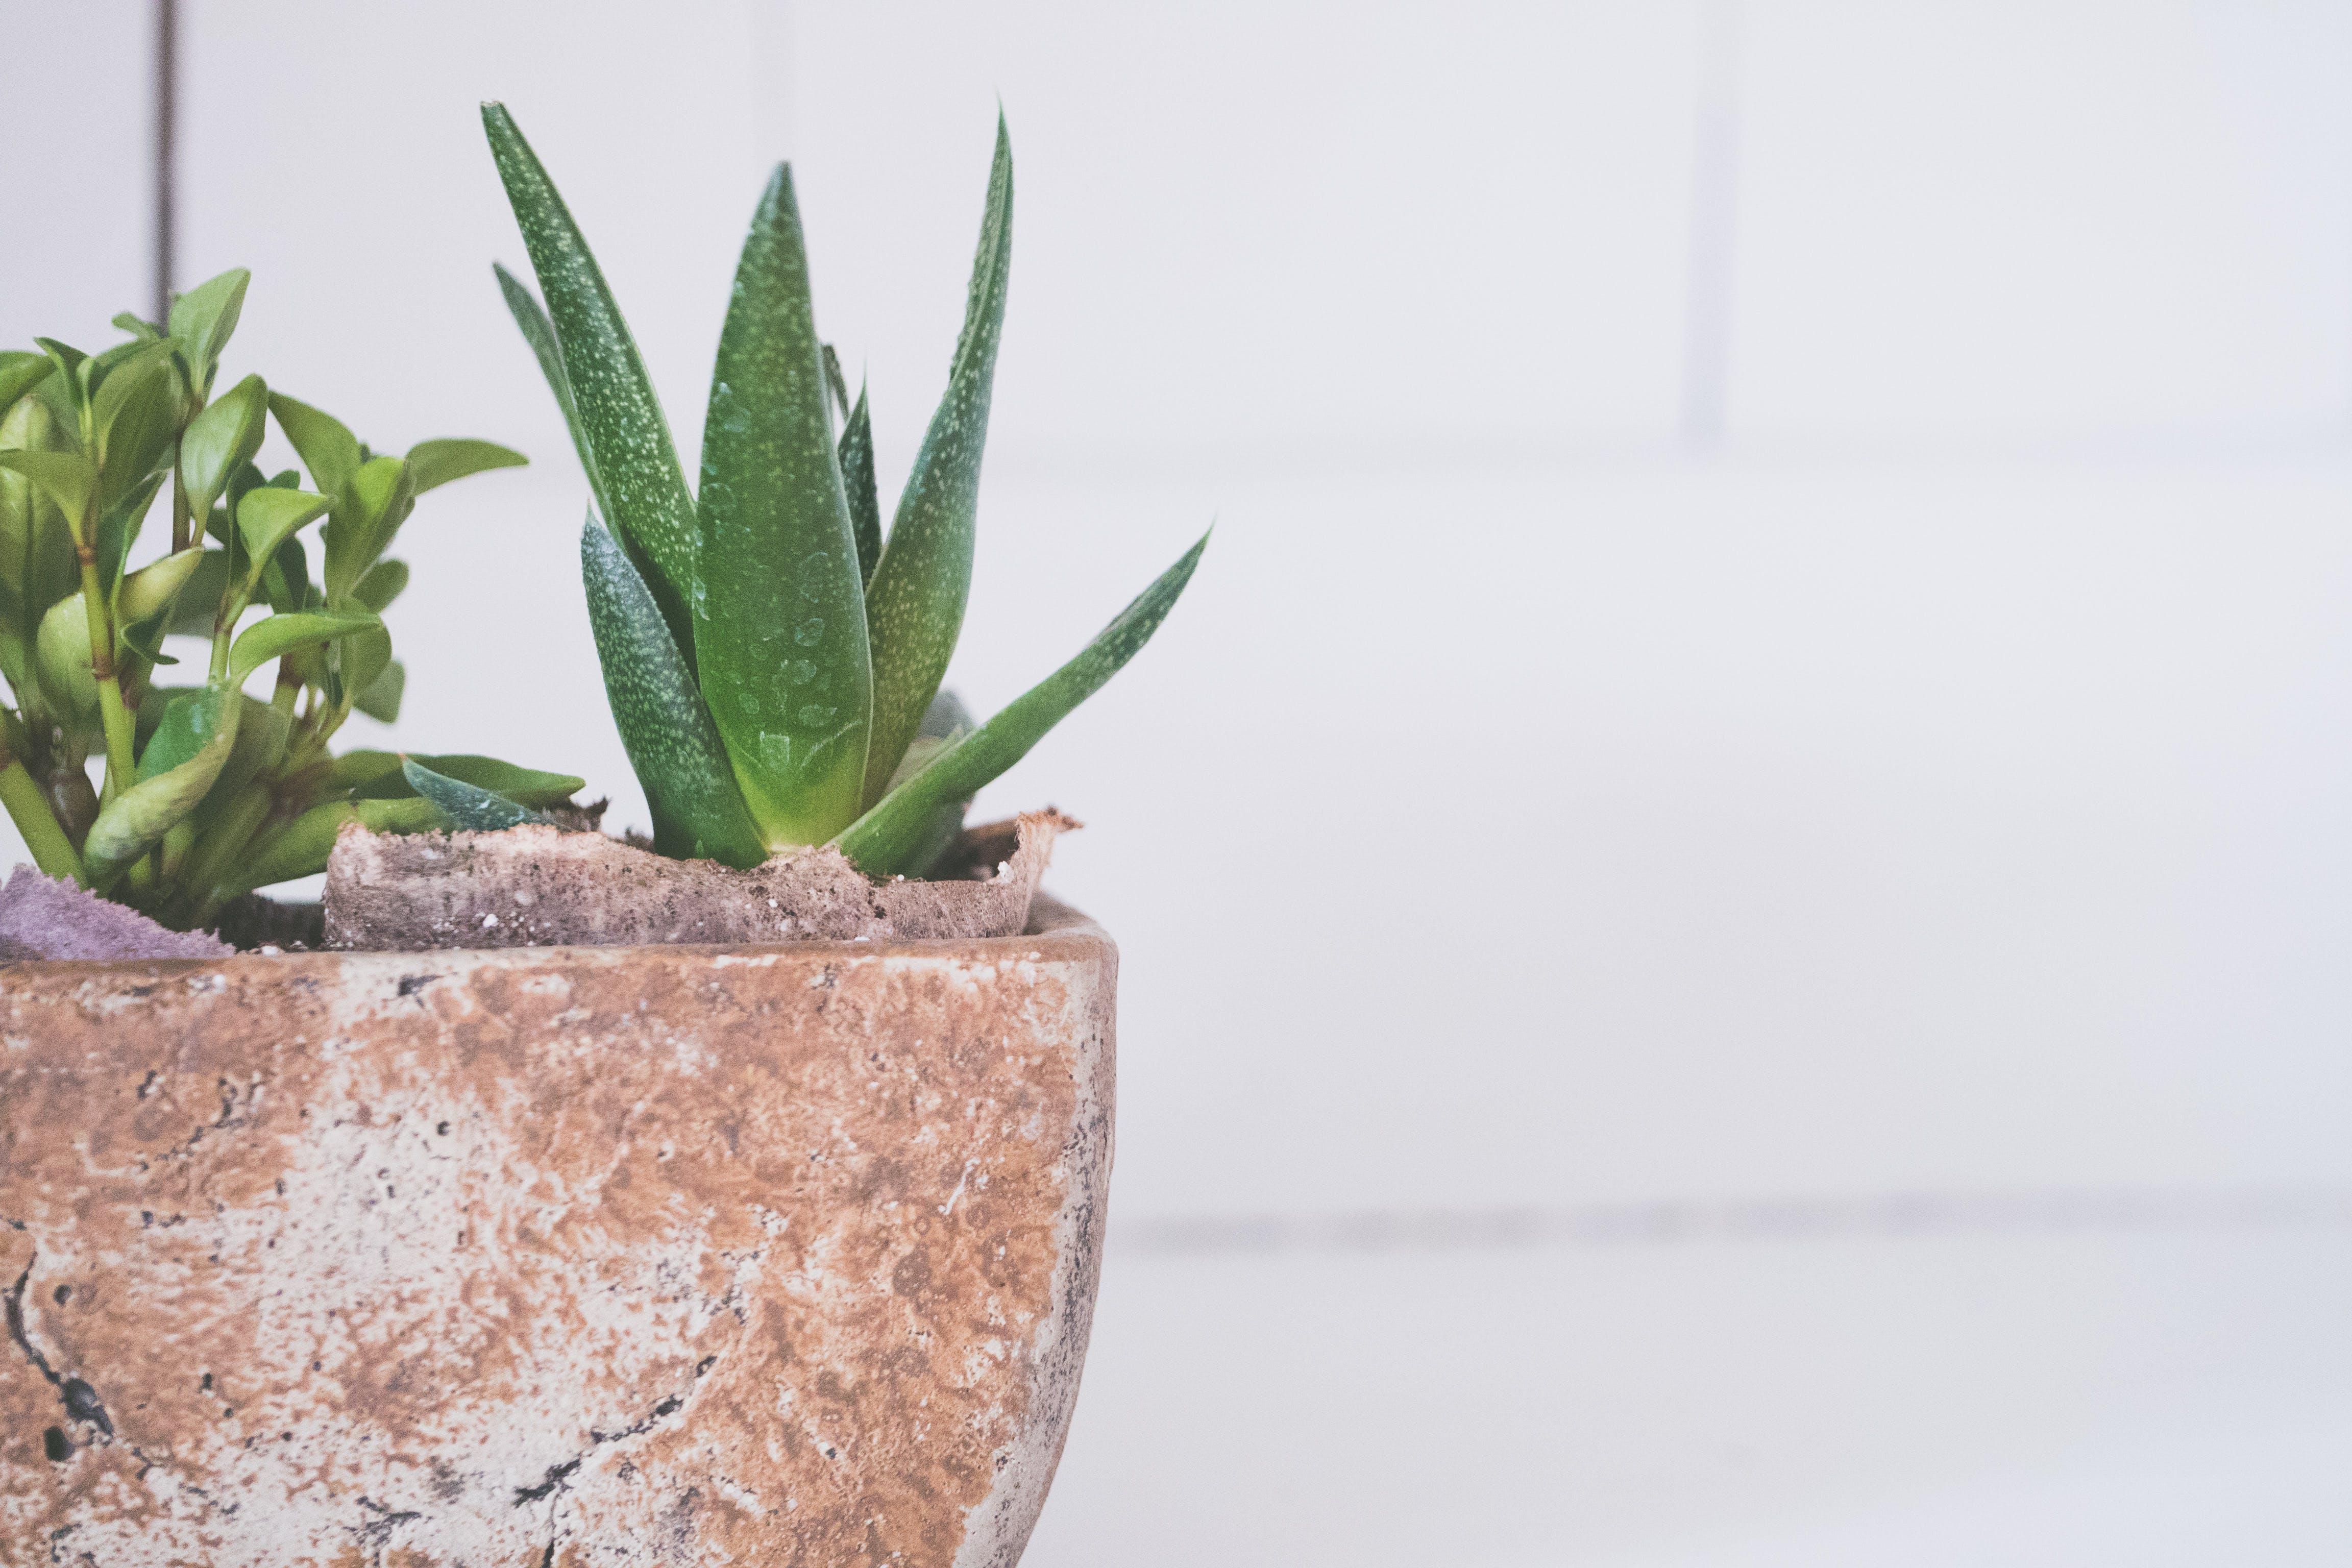 廠, 盆栽, 花盆, 鍋 的 免費圖庫相片